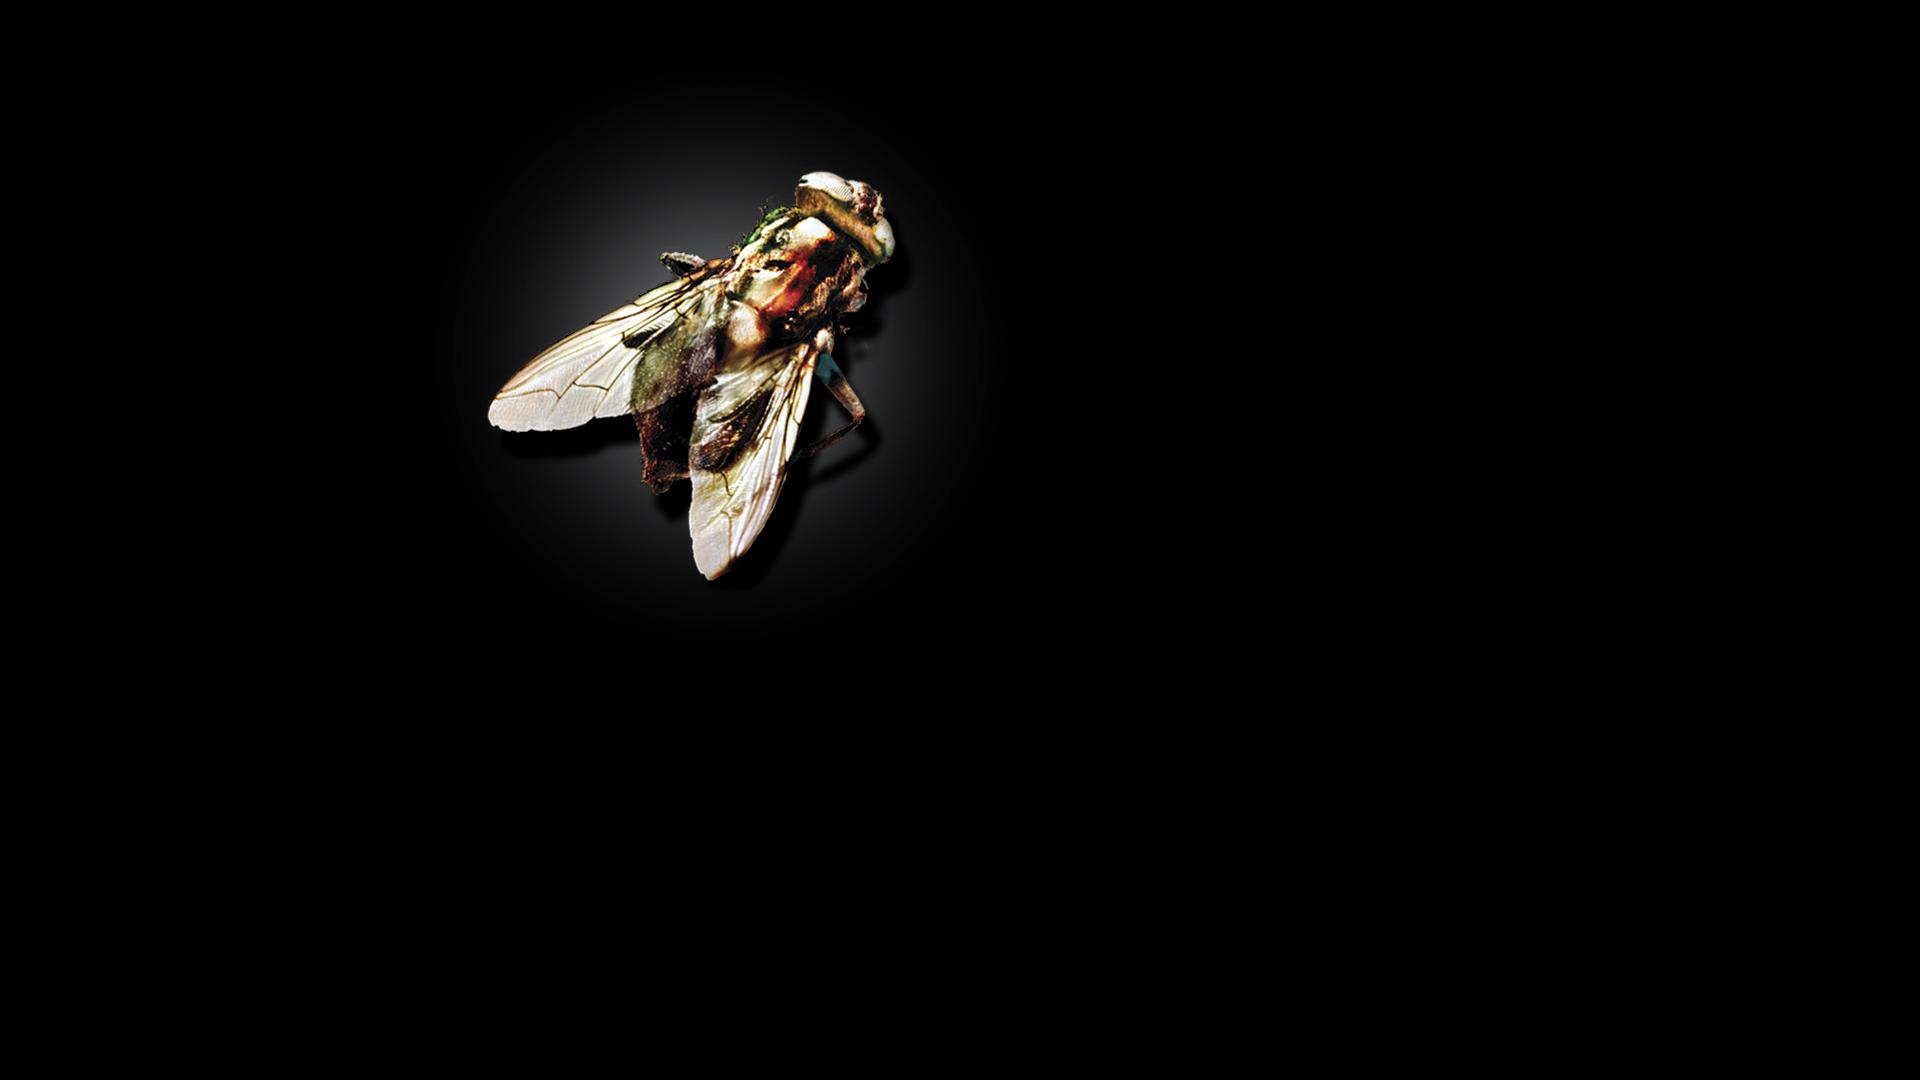 муха на стекле картинки центре рядом крафтовое